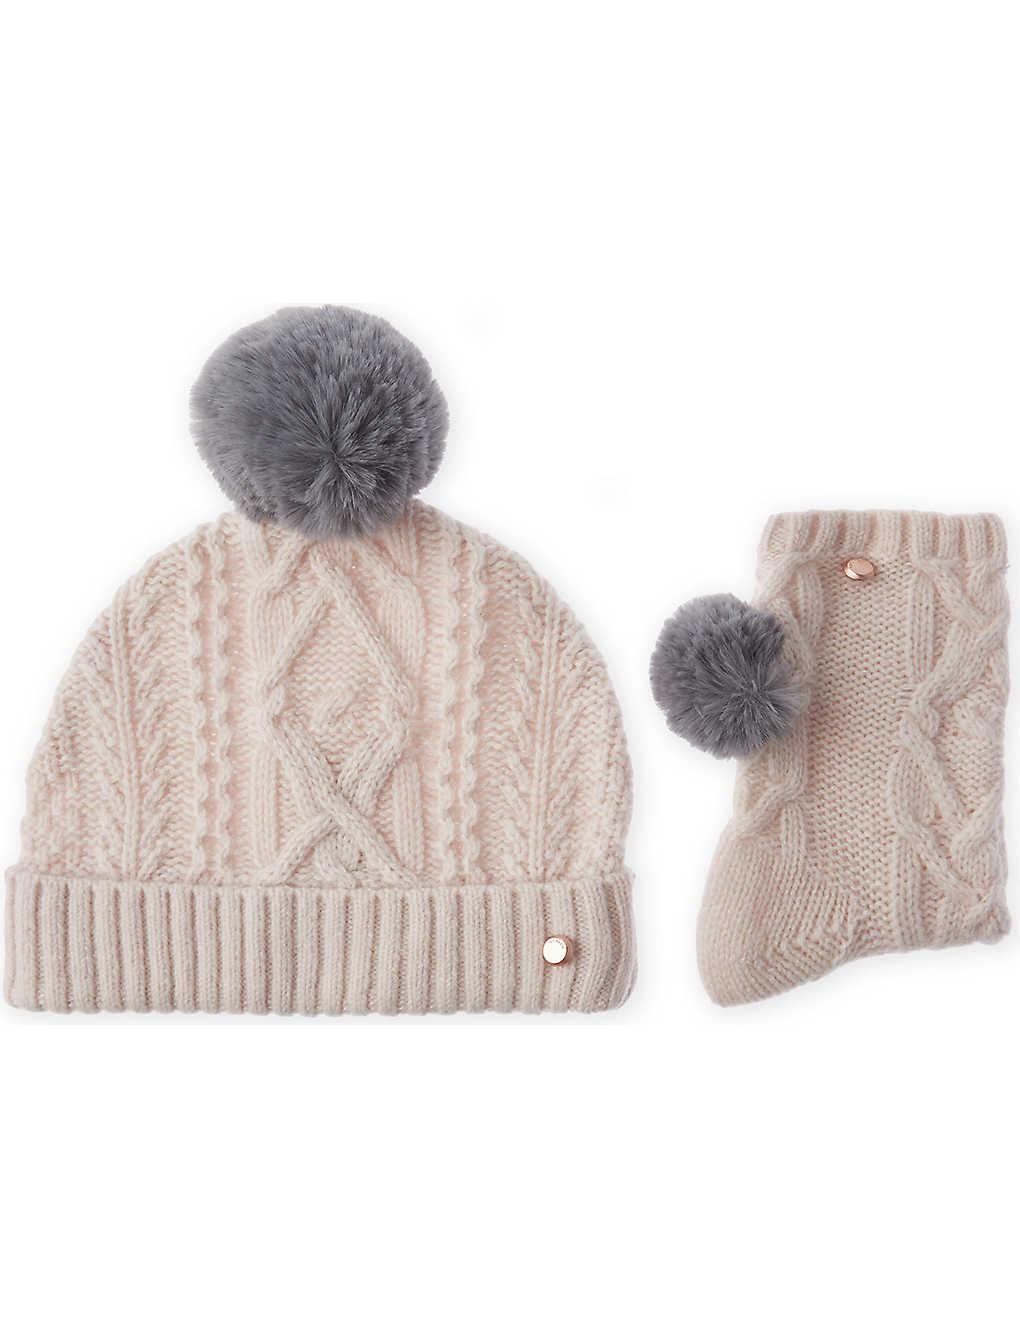 TED BAKER - Raisa knitted bobble hat and sock set  e432097c1191